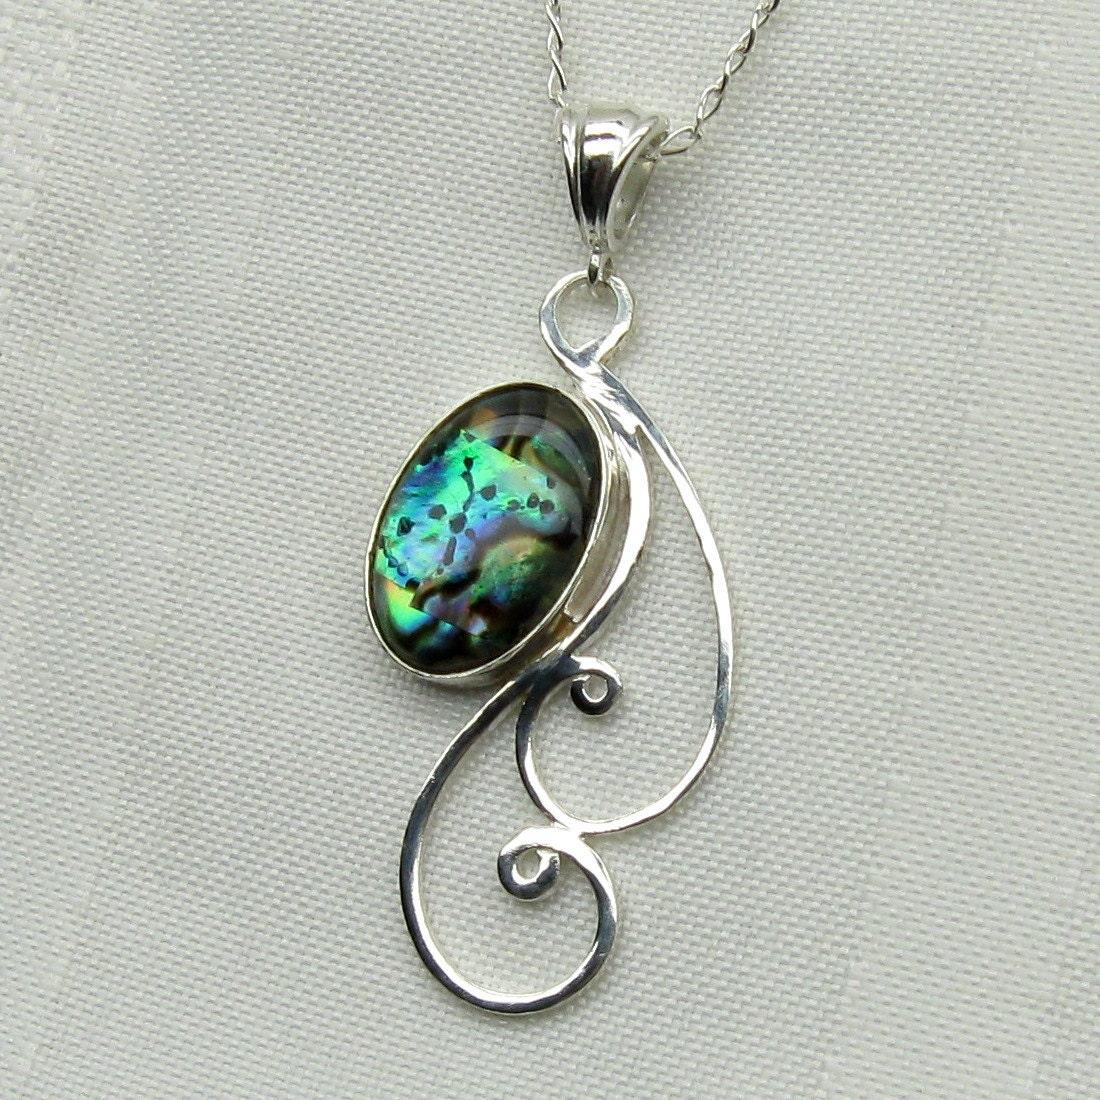 abalone necklace paua shell pendant paua shell jewelry